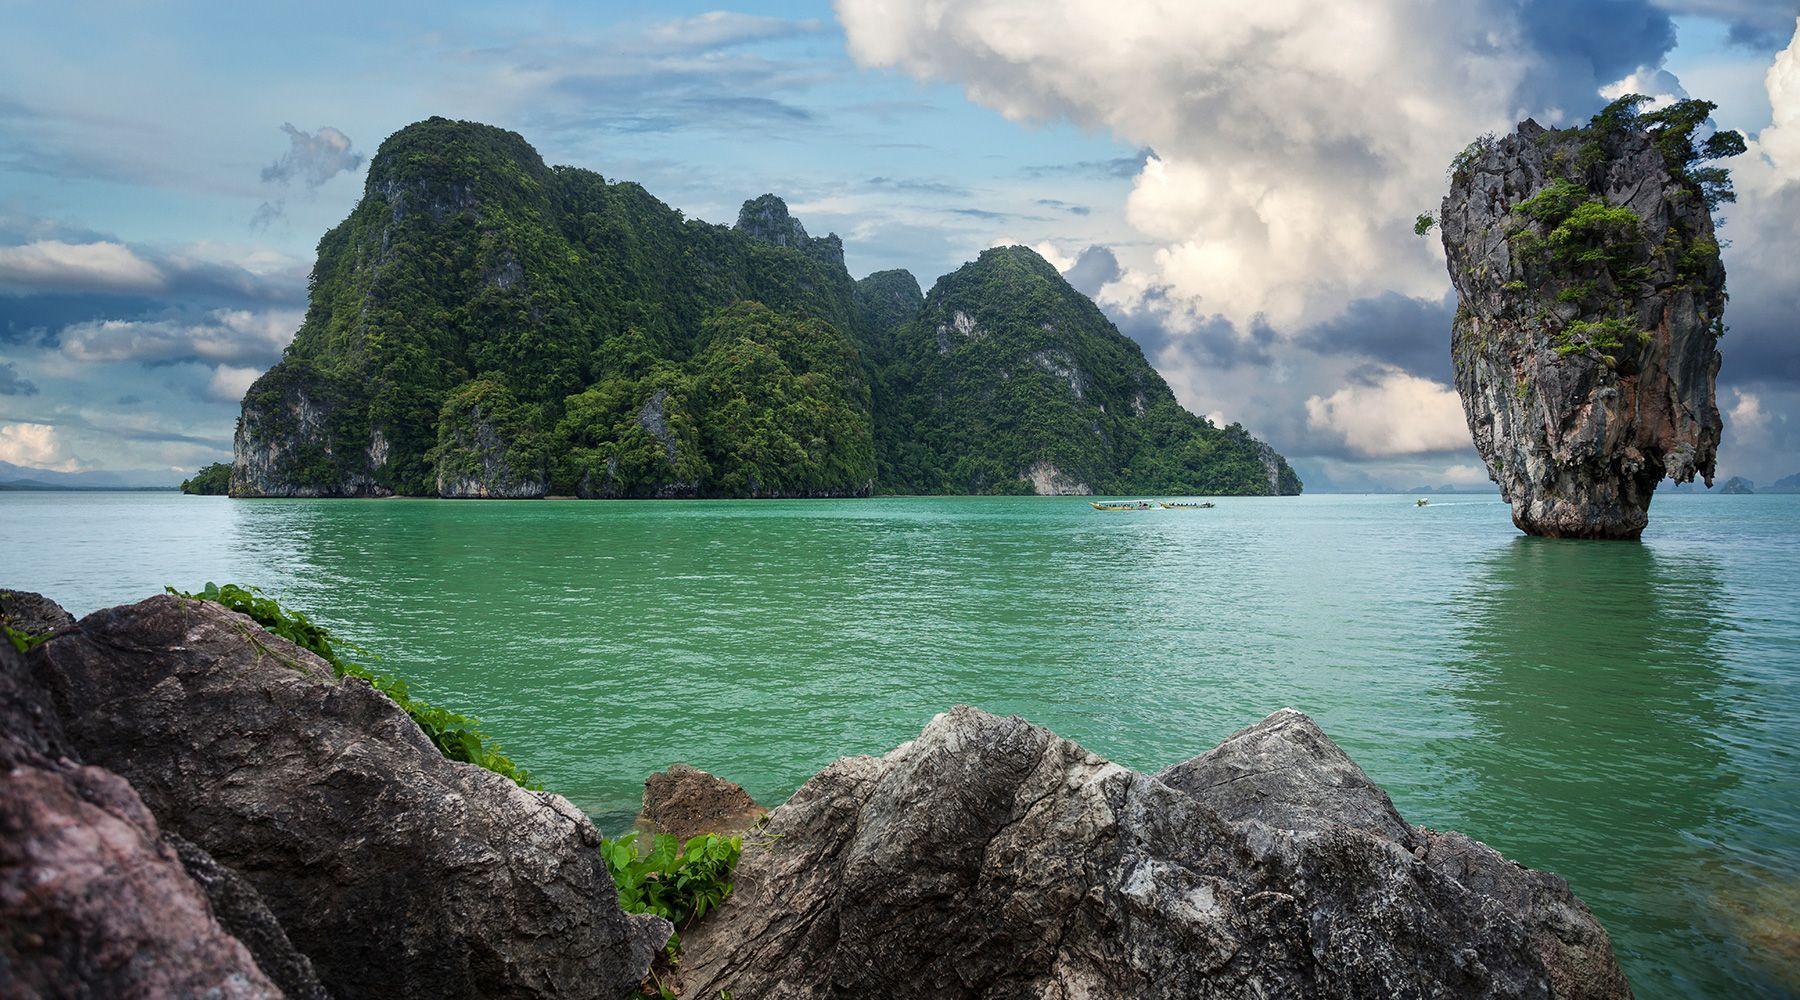 Ulaş Başar Gezgin: Güneydoğu Asya'ya Gelecekler İçin Yolculuk Önerilerim.